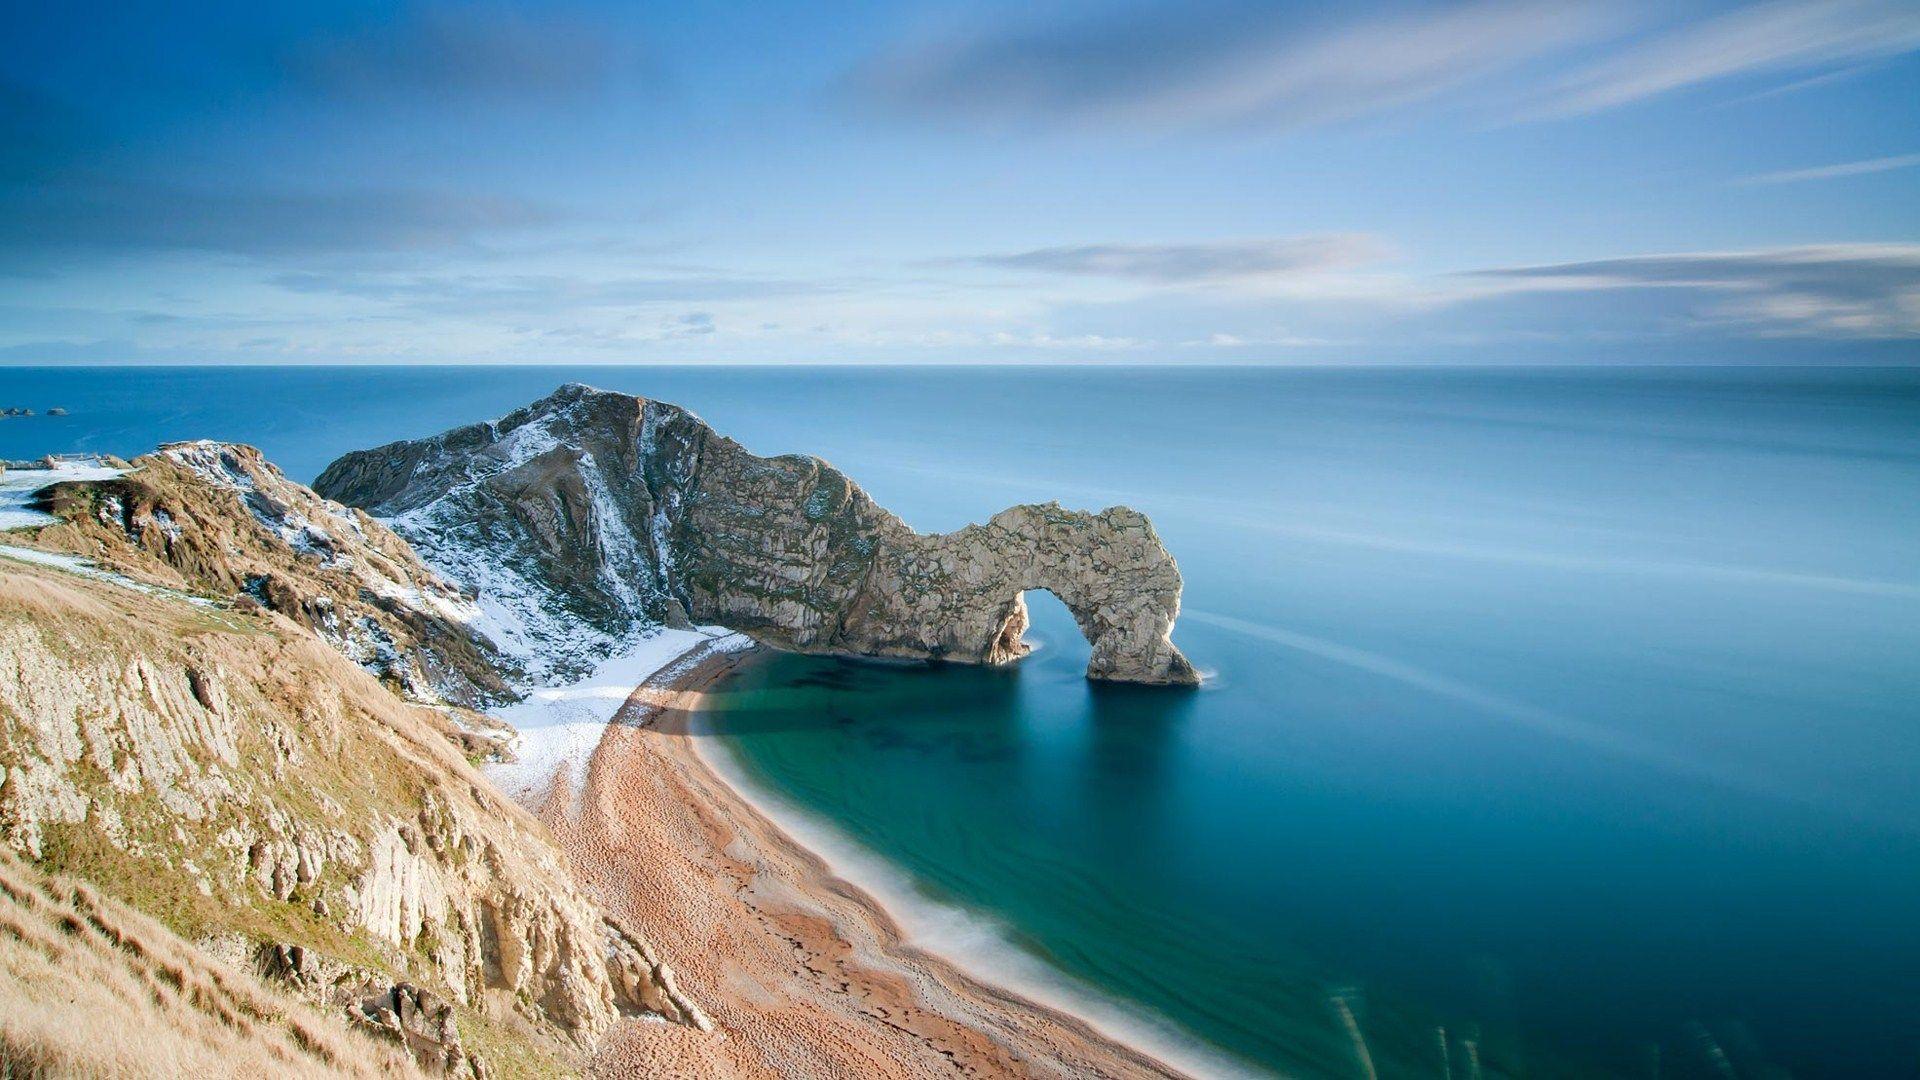 Hq Definition Wallpaper Desktop Durdle Door Beach Landscape Ocean Landscape Sea Photography